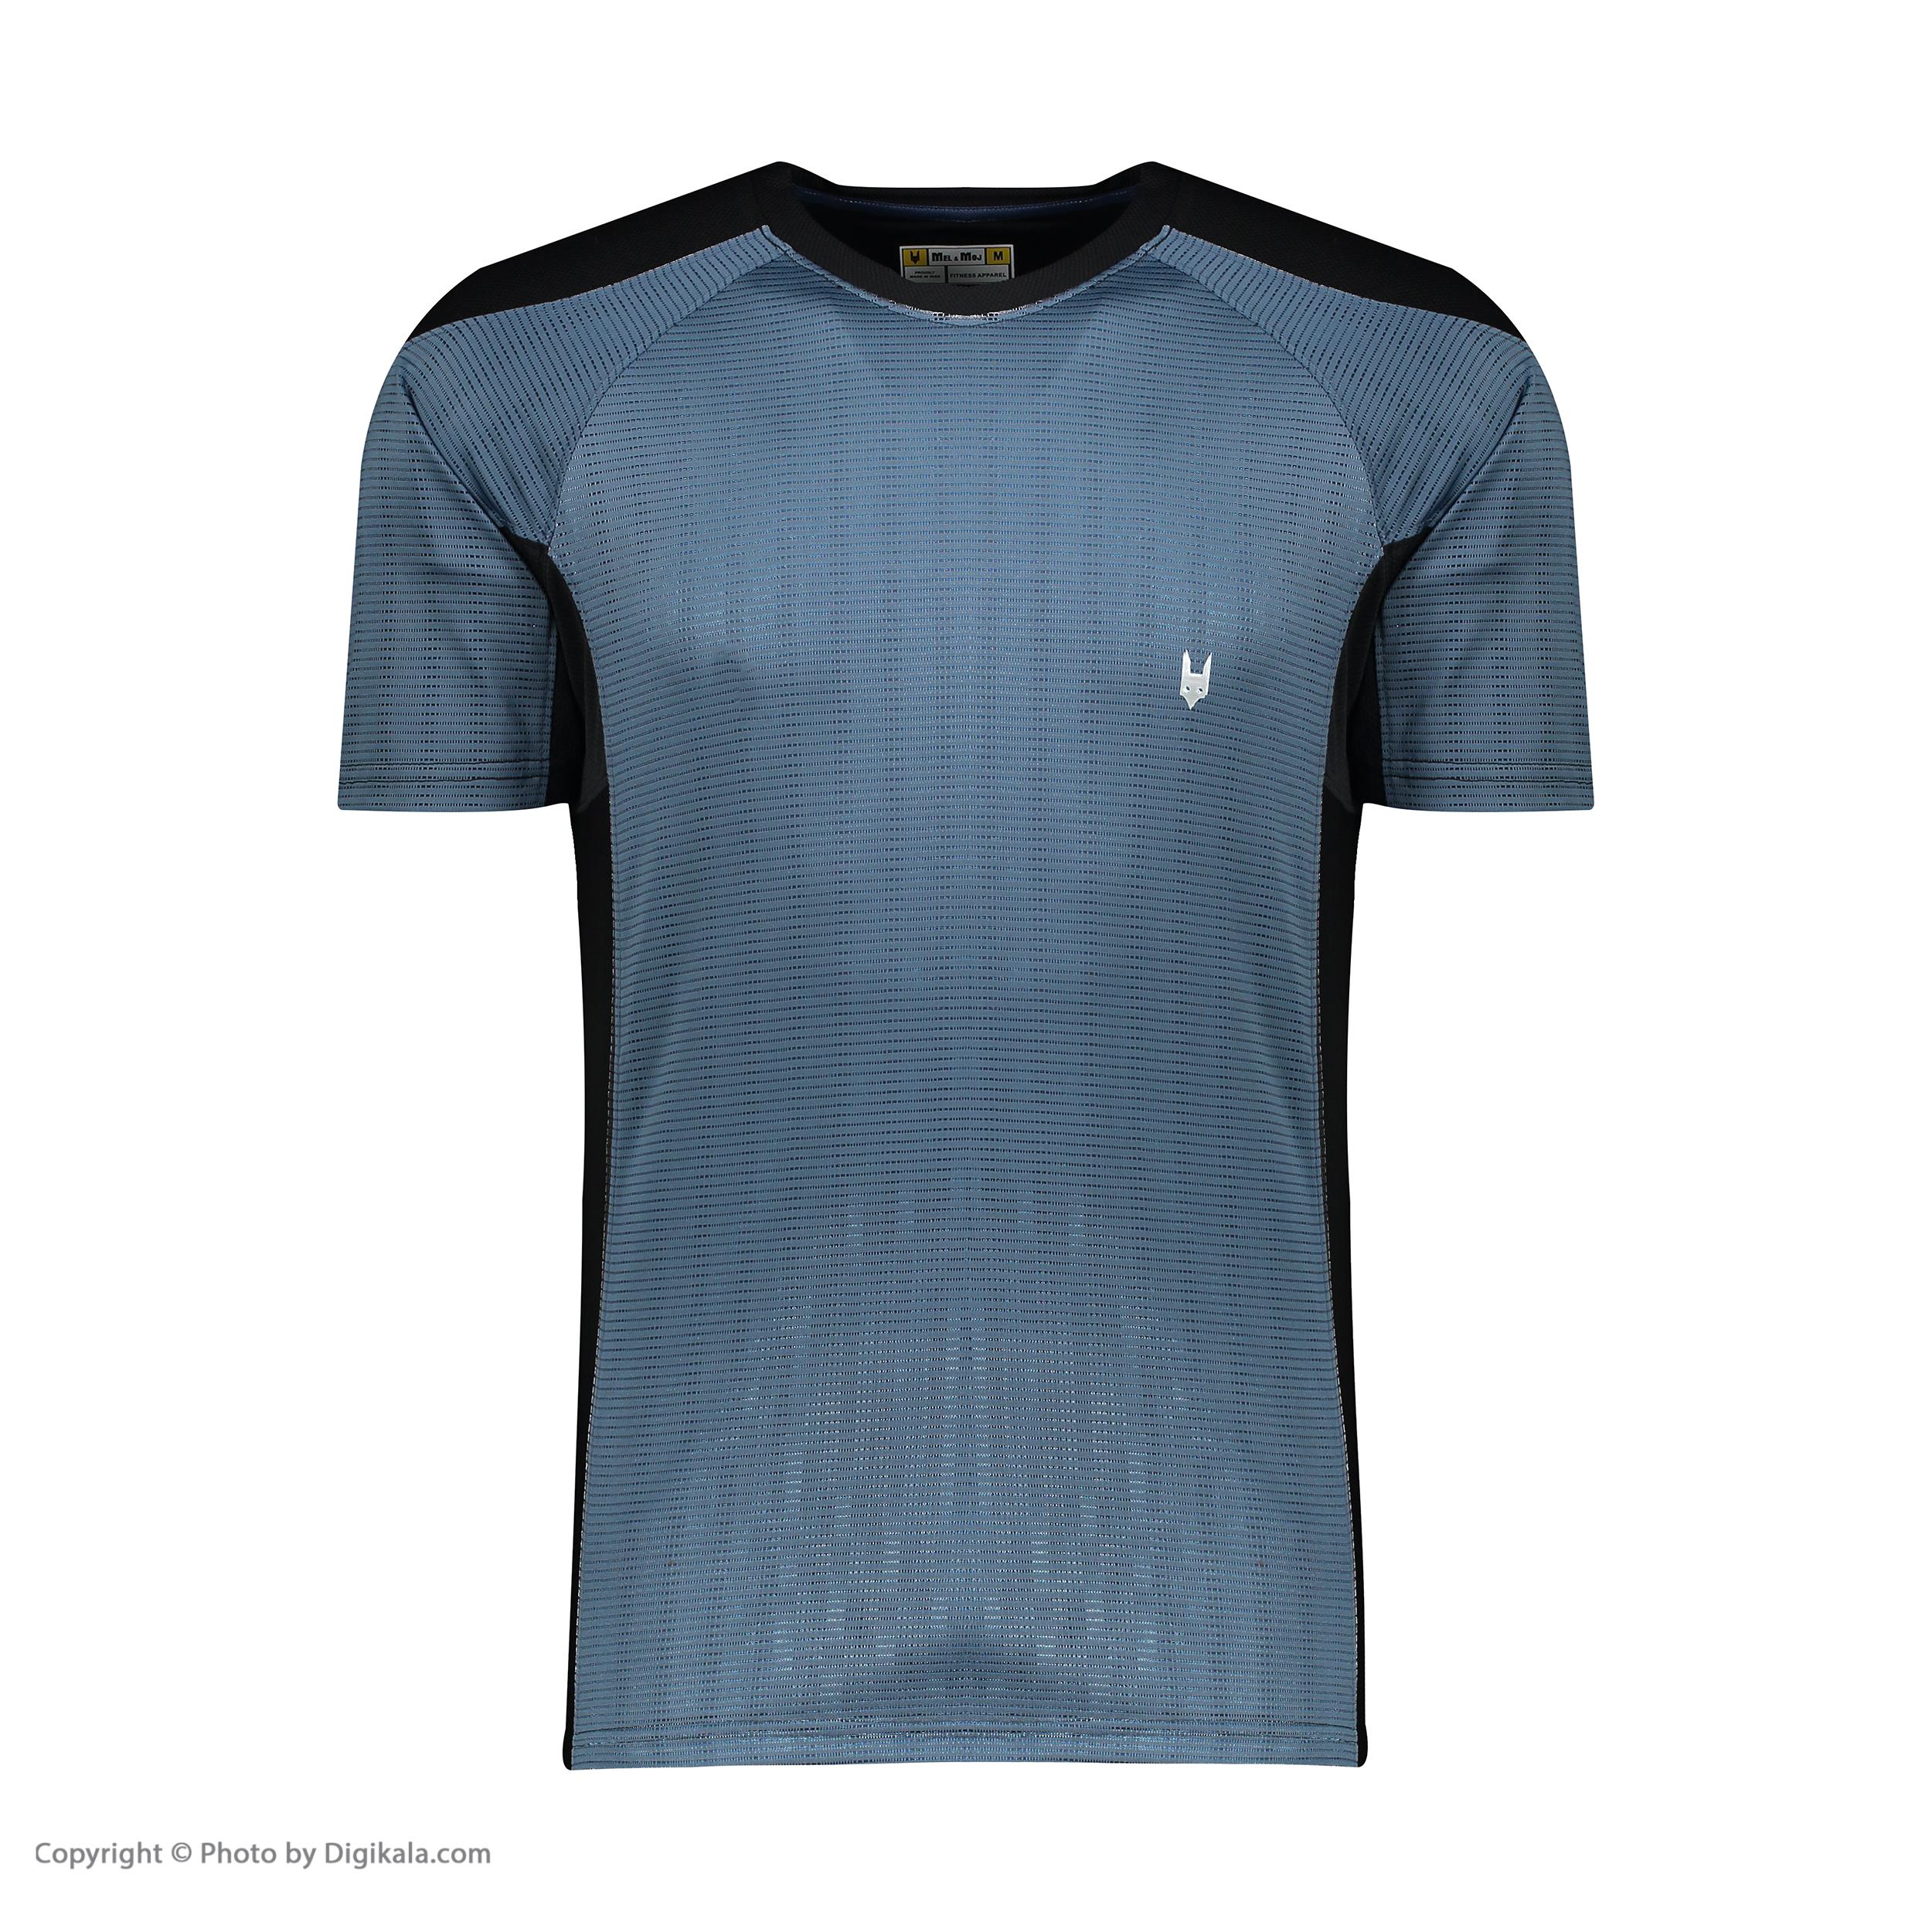 تی شرت مردانه مل اند موژ کد M06296-104 -  - 1